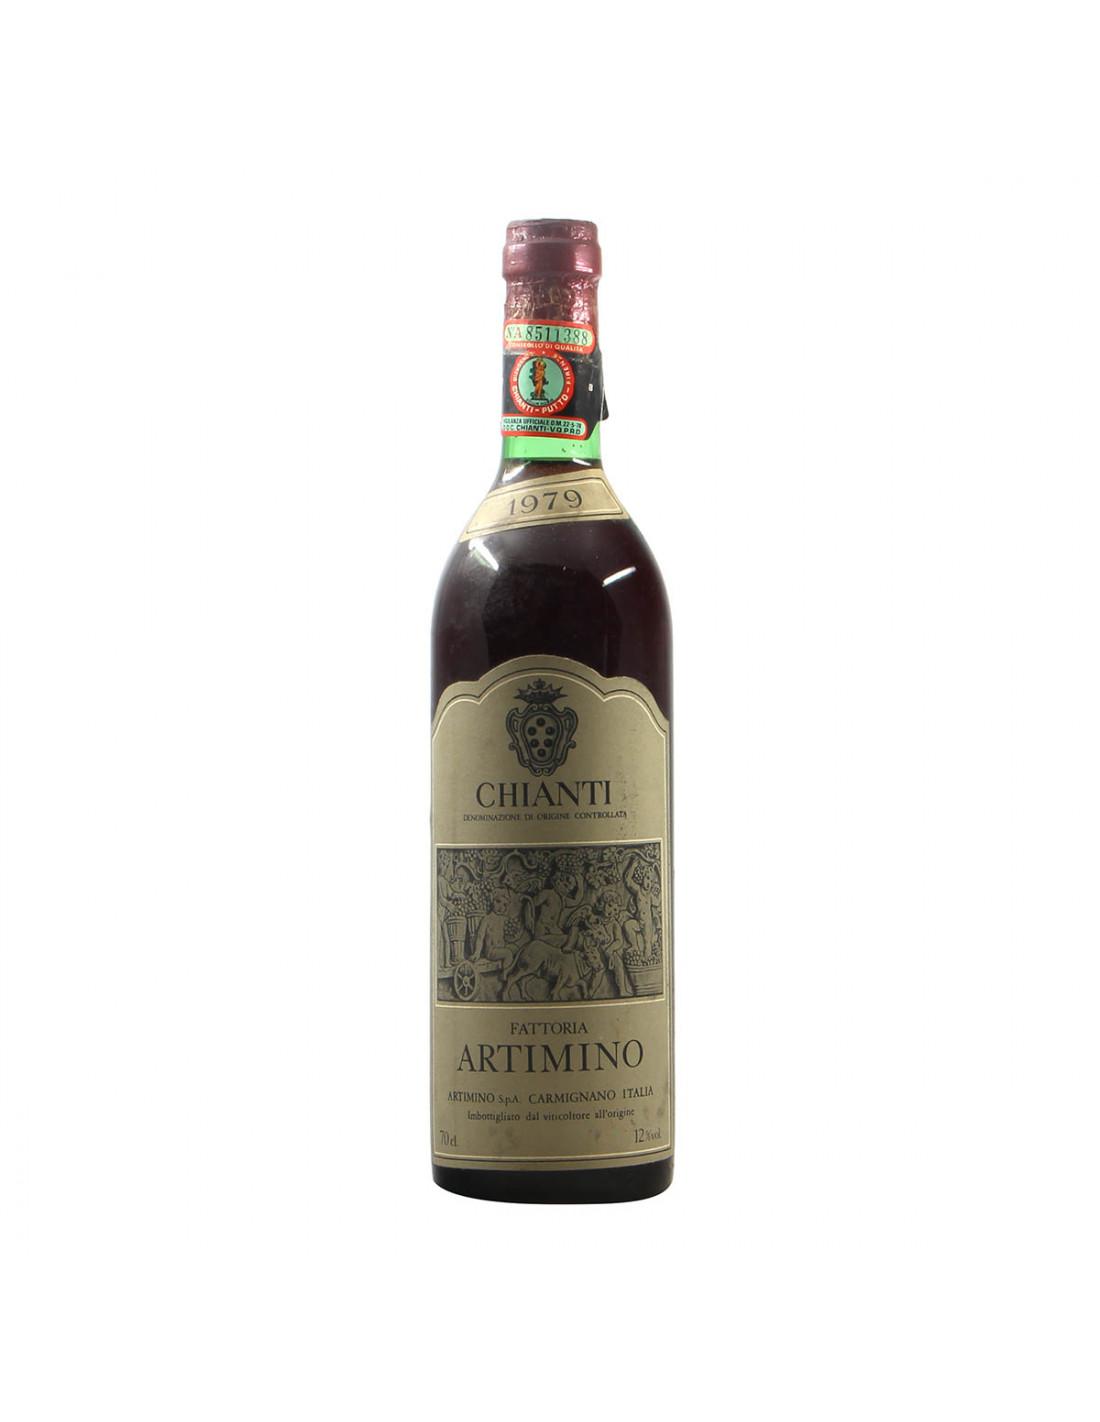 Fattoria Artimino Chianti 1979 Grandi Bottiglie